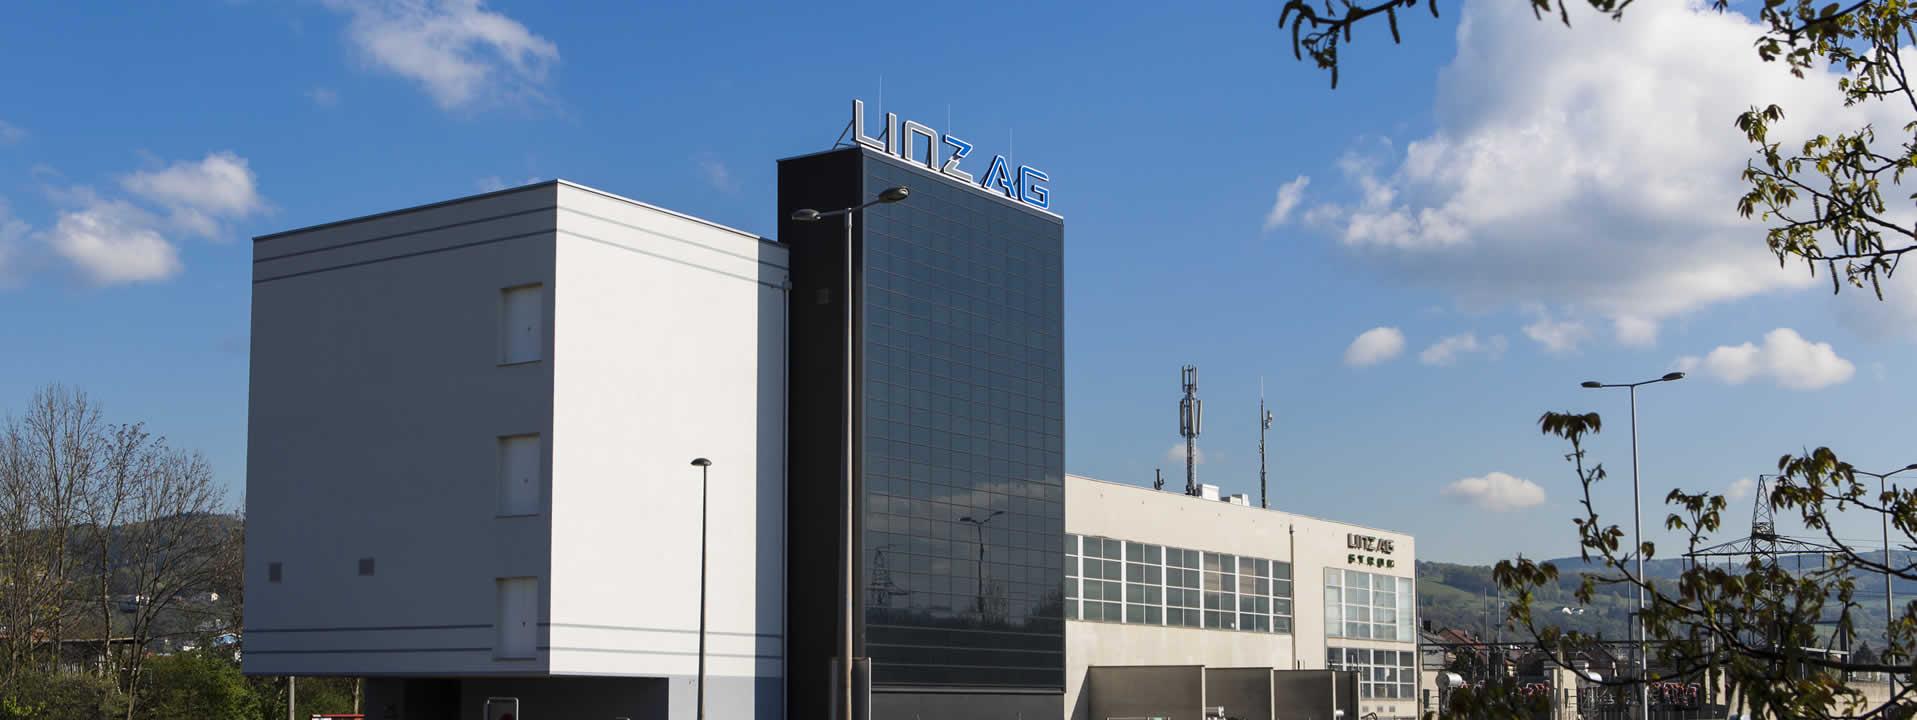 Rechenzentrum IT- und Data Center Linz von außen